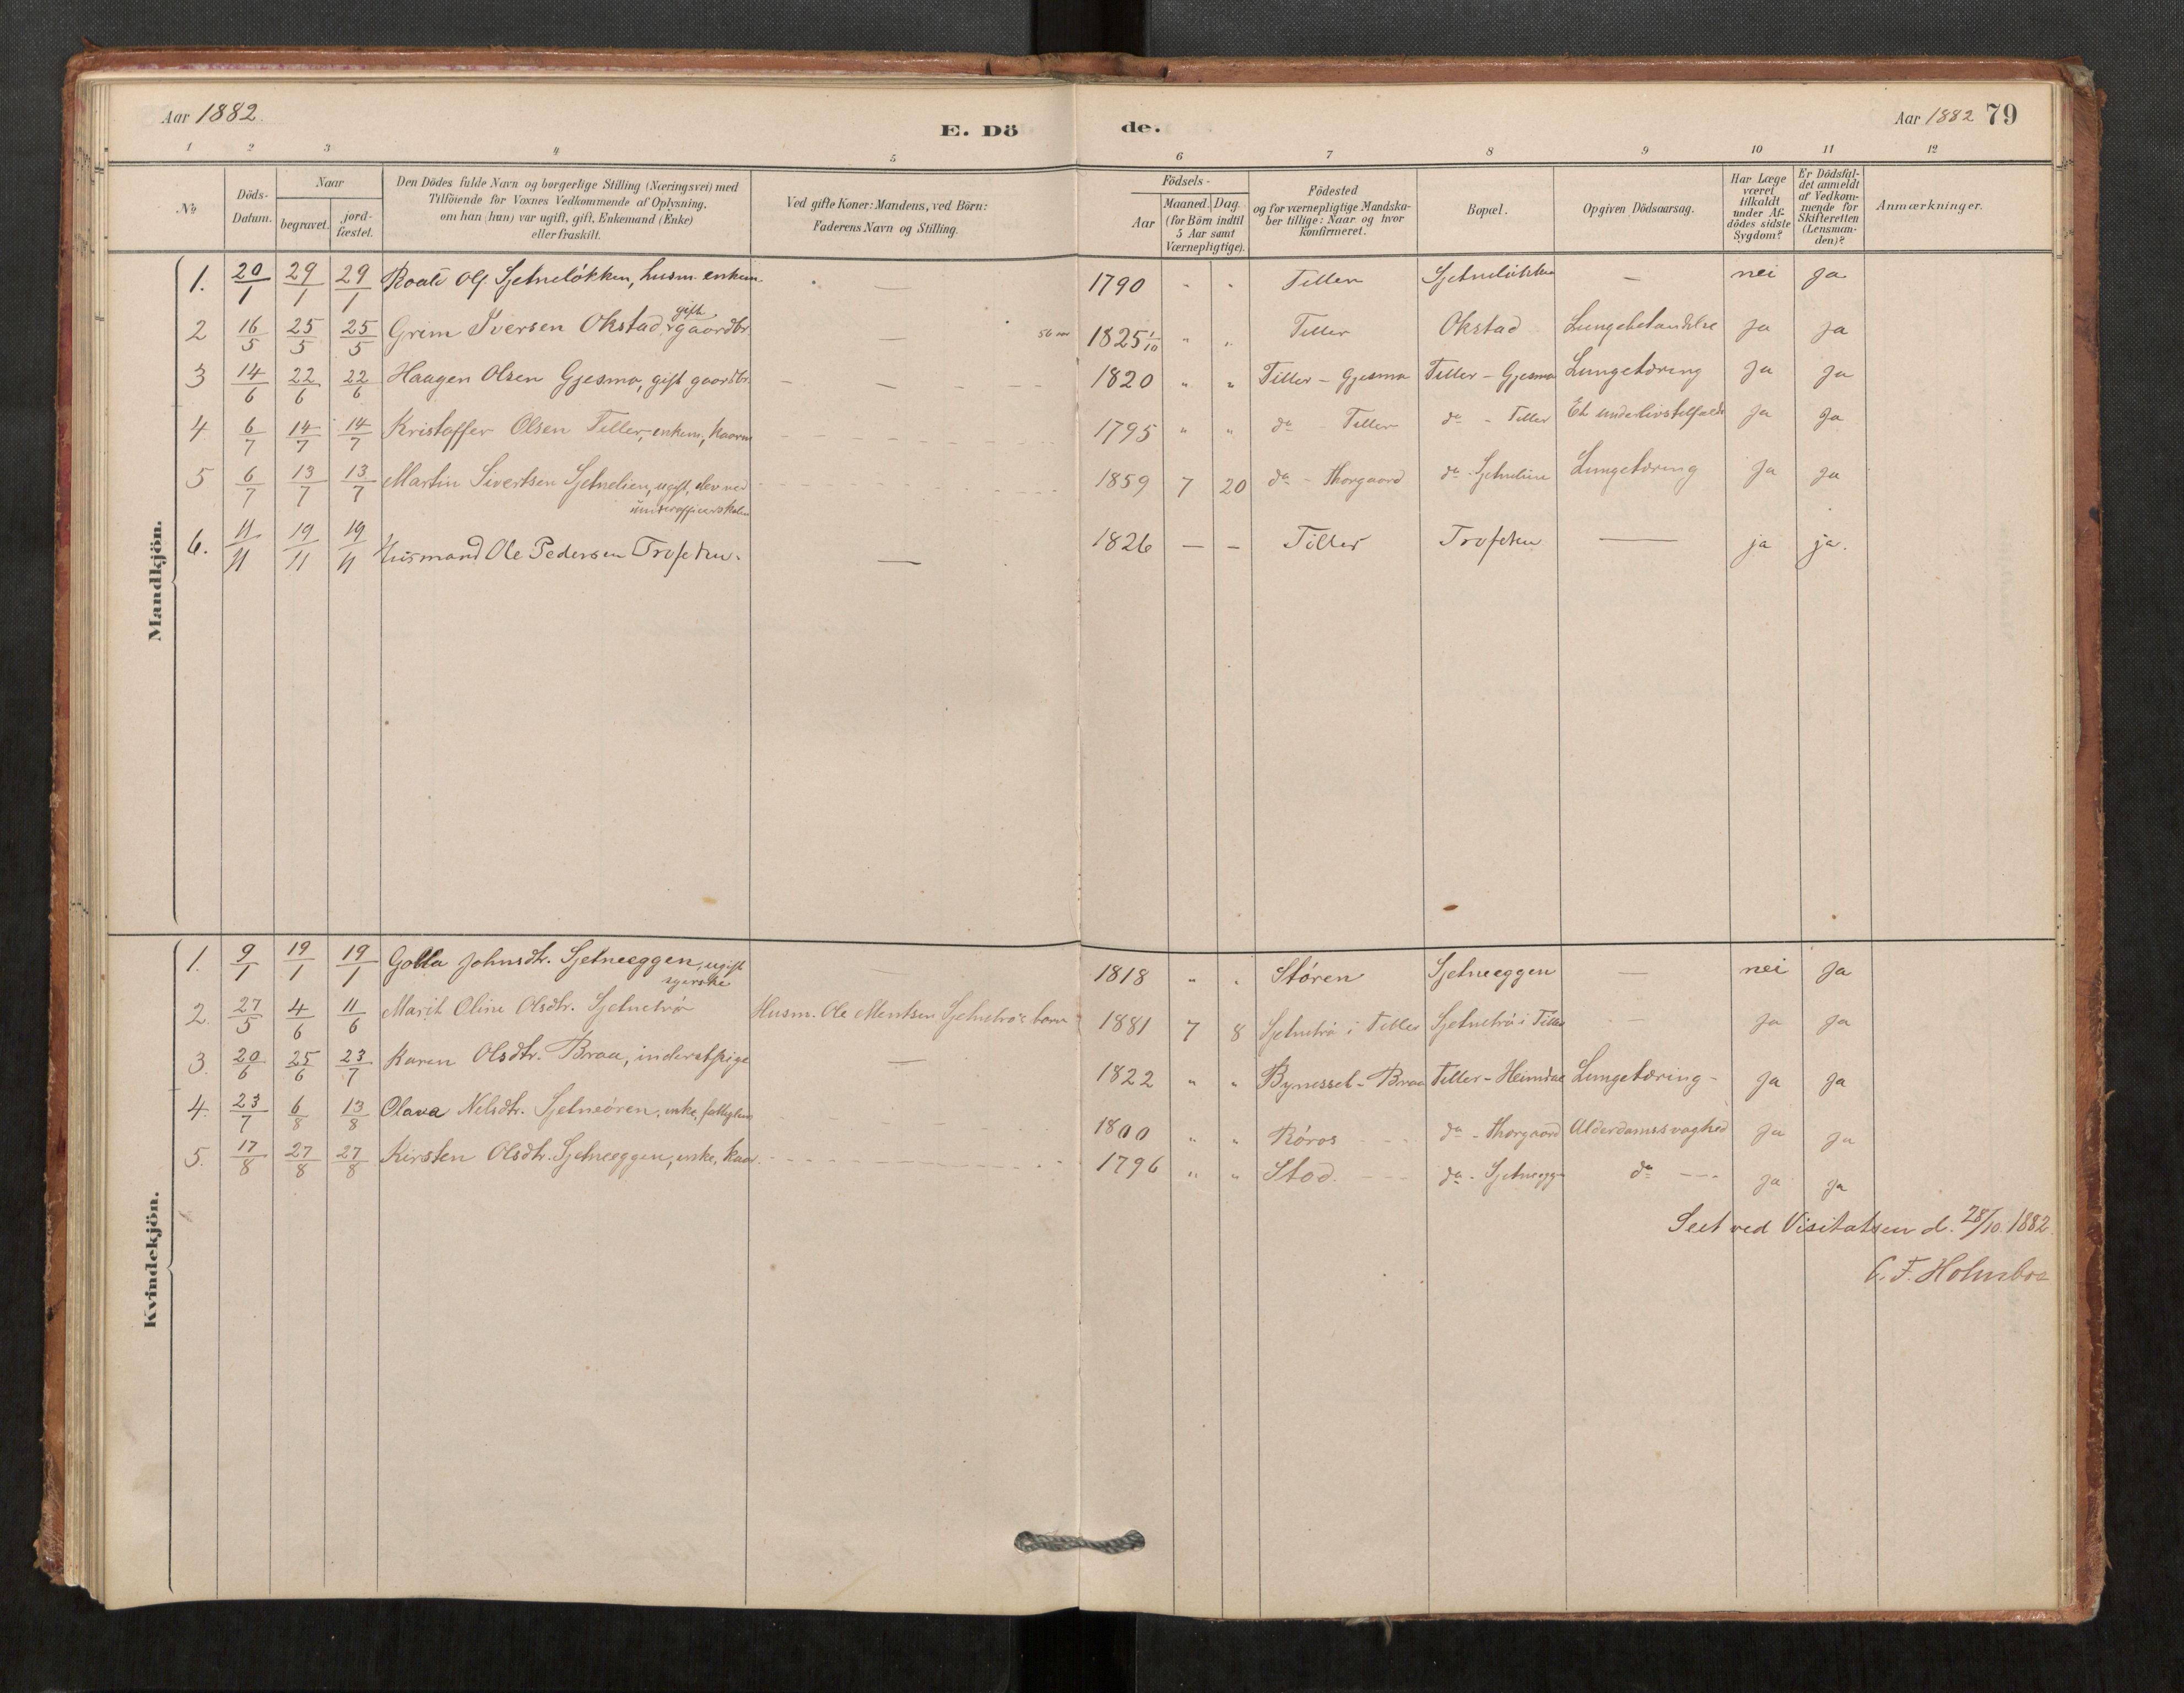 SAT, Klæbu sokneprestkontor, Parish register (official) no. 1, 1880-1900, p. 79